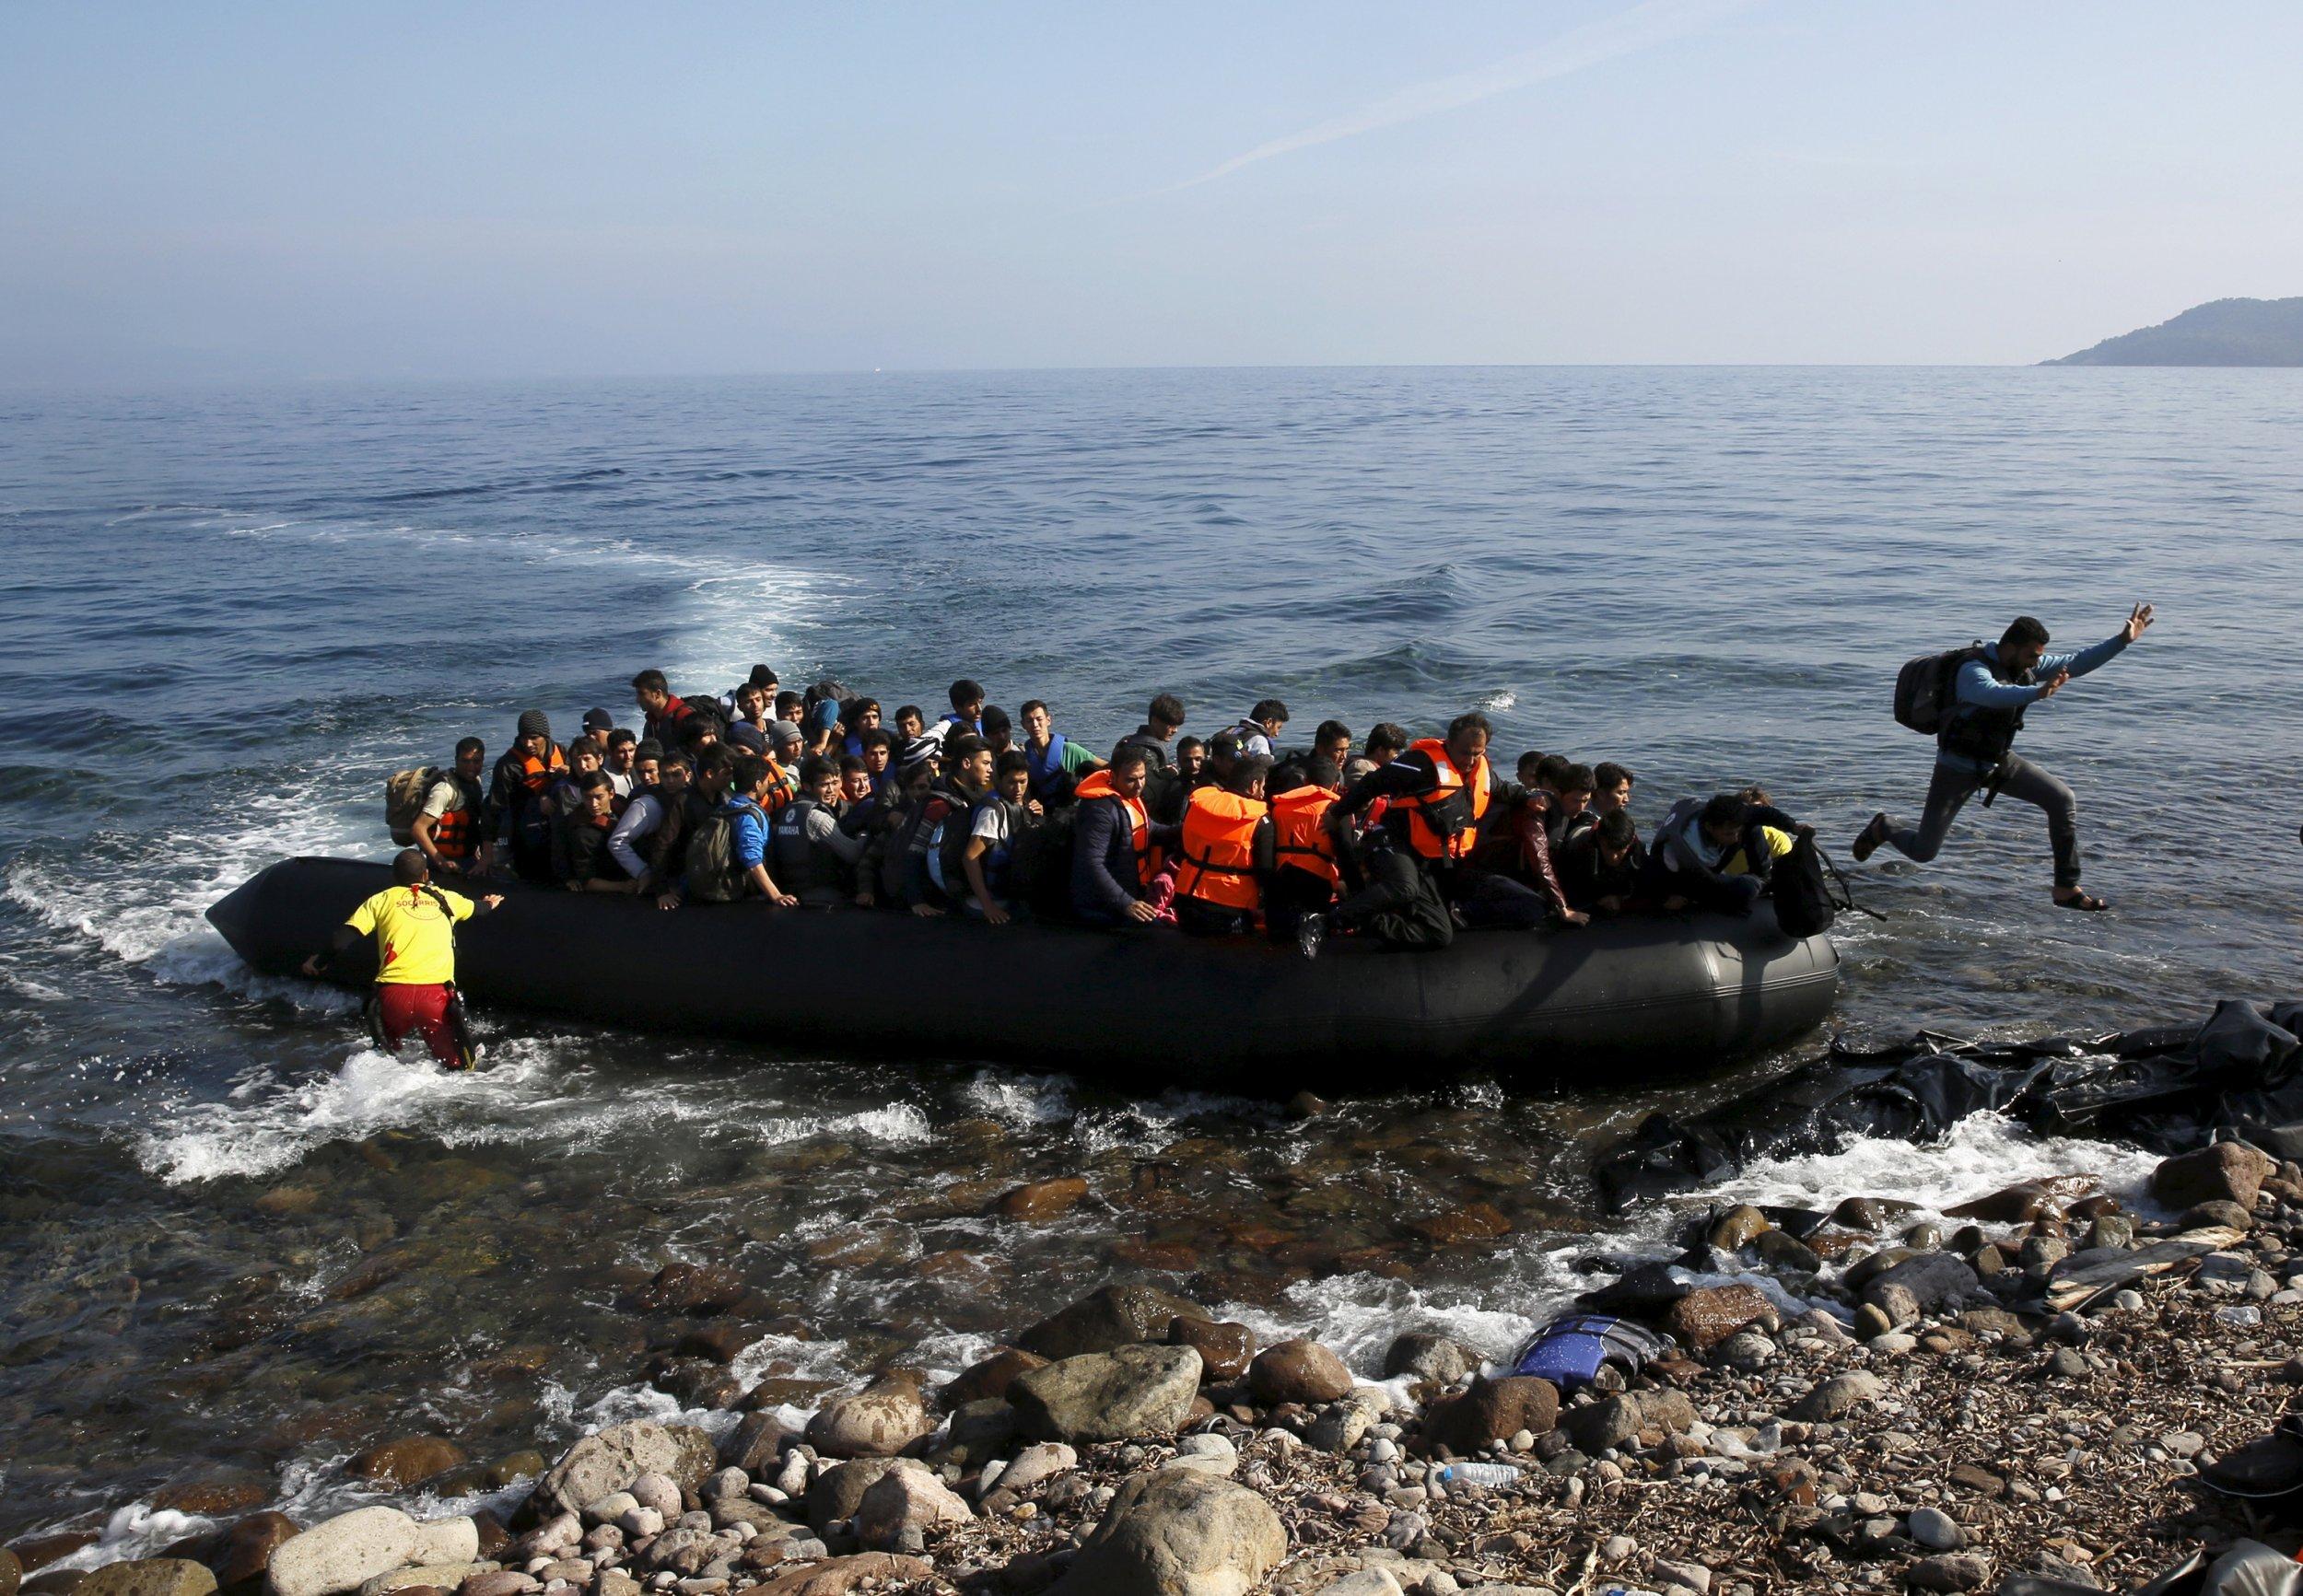 10_19_migrants_01